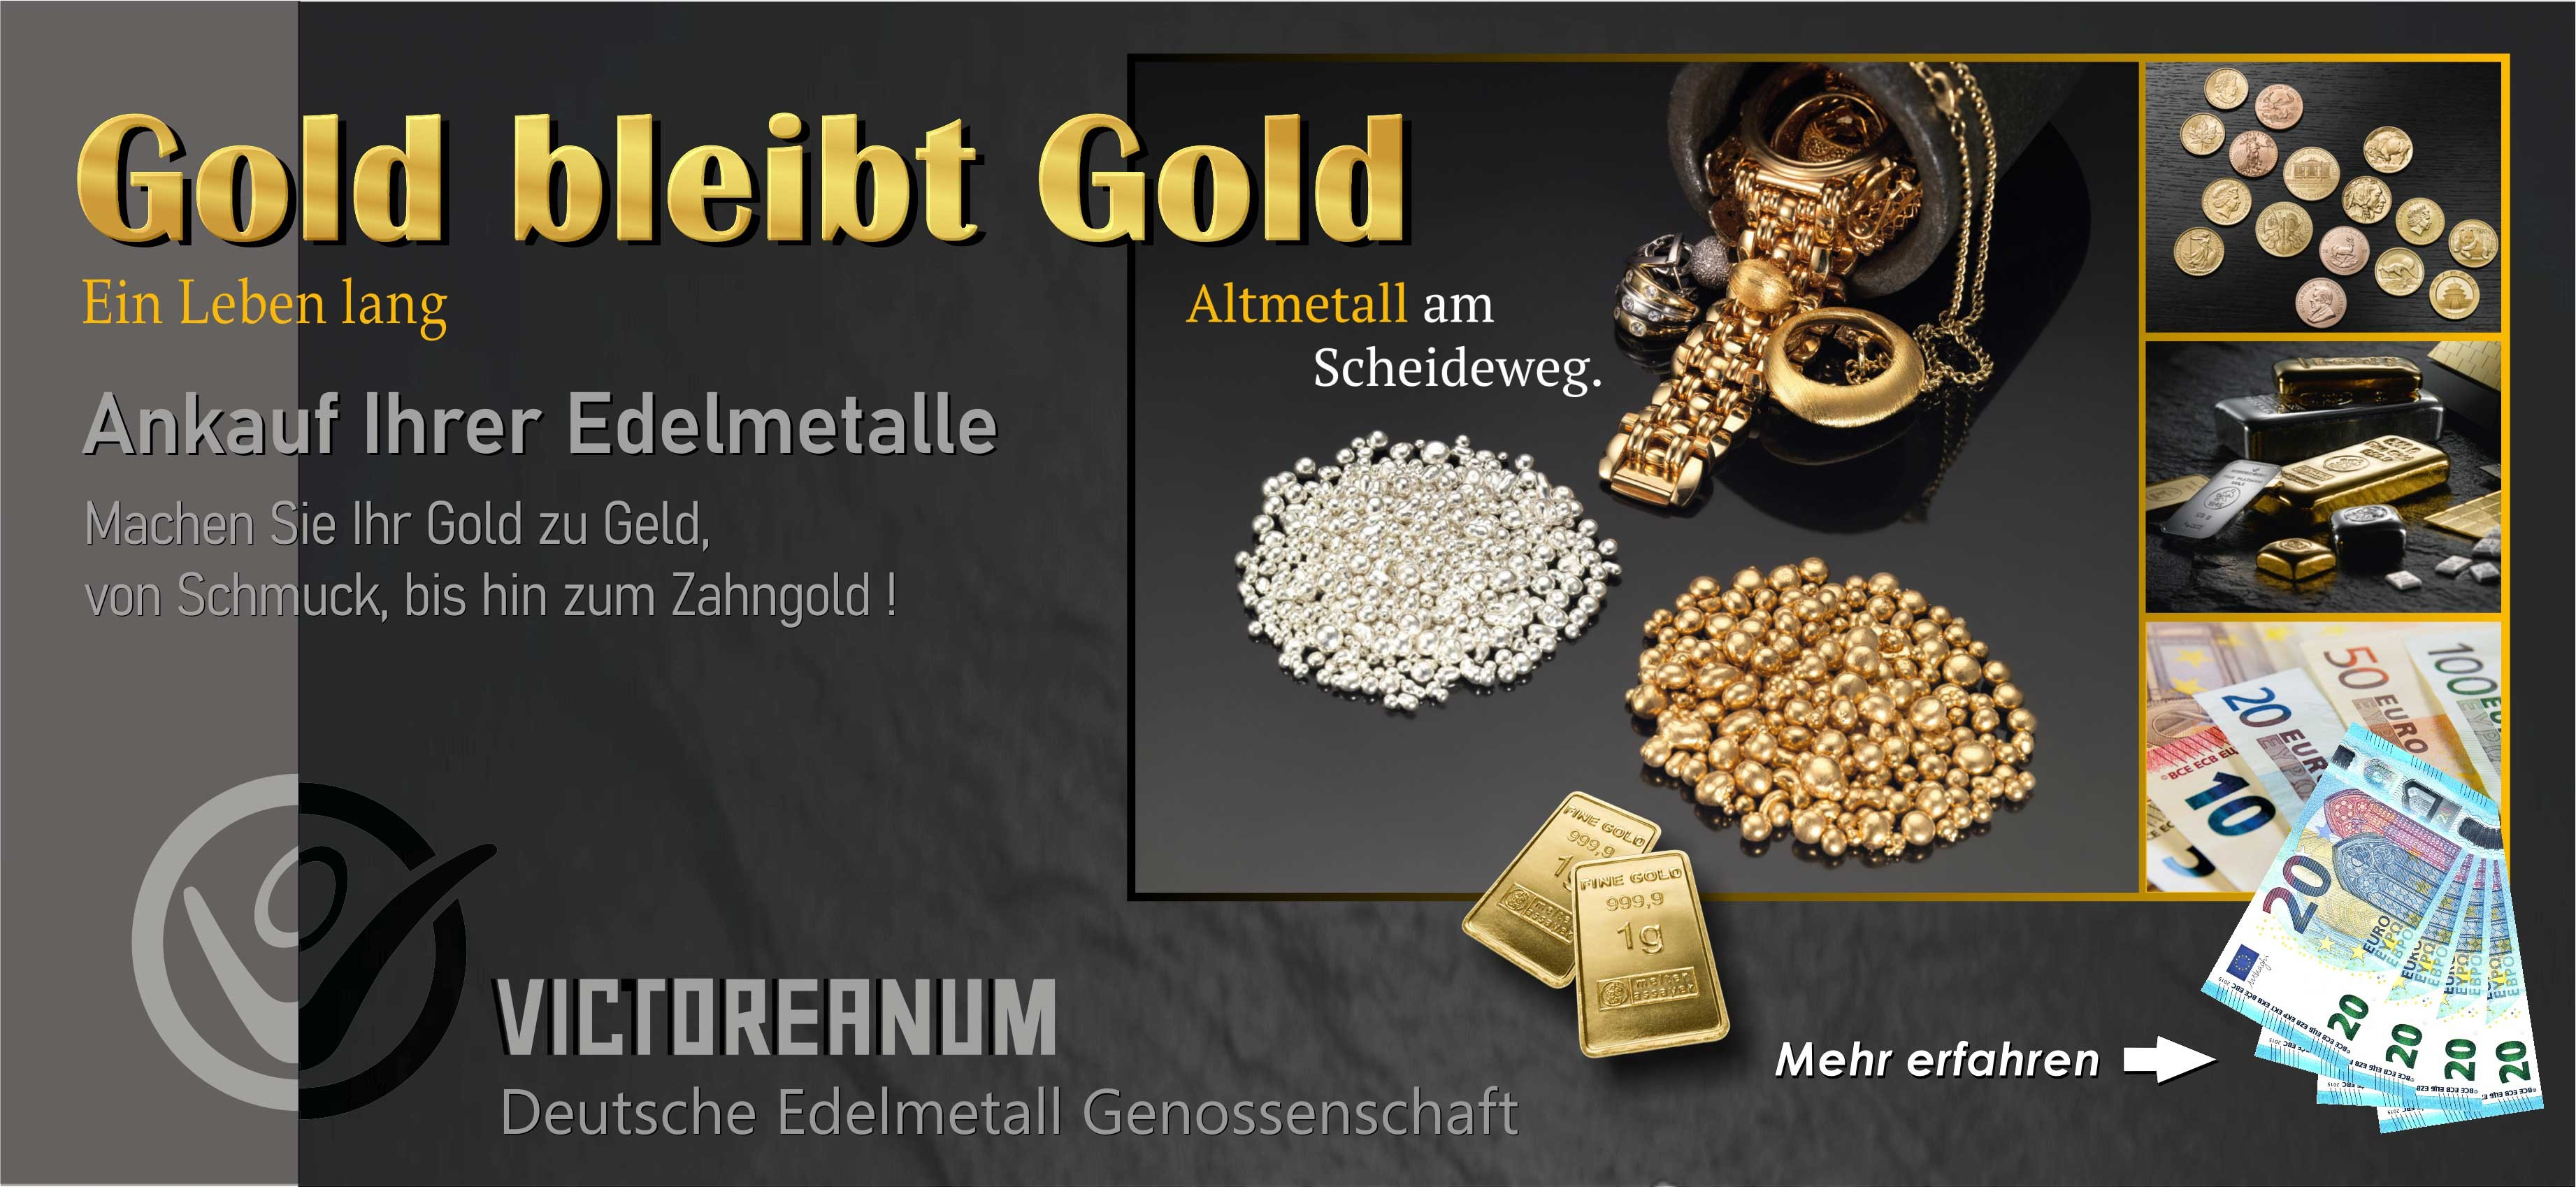 Machen Sie Ihr Gold zu Geld